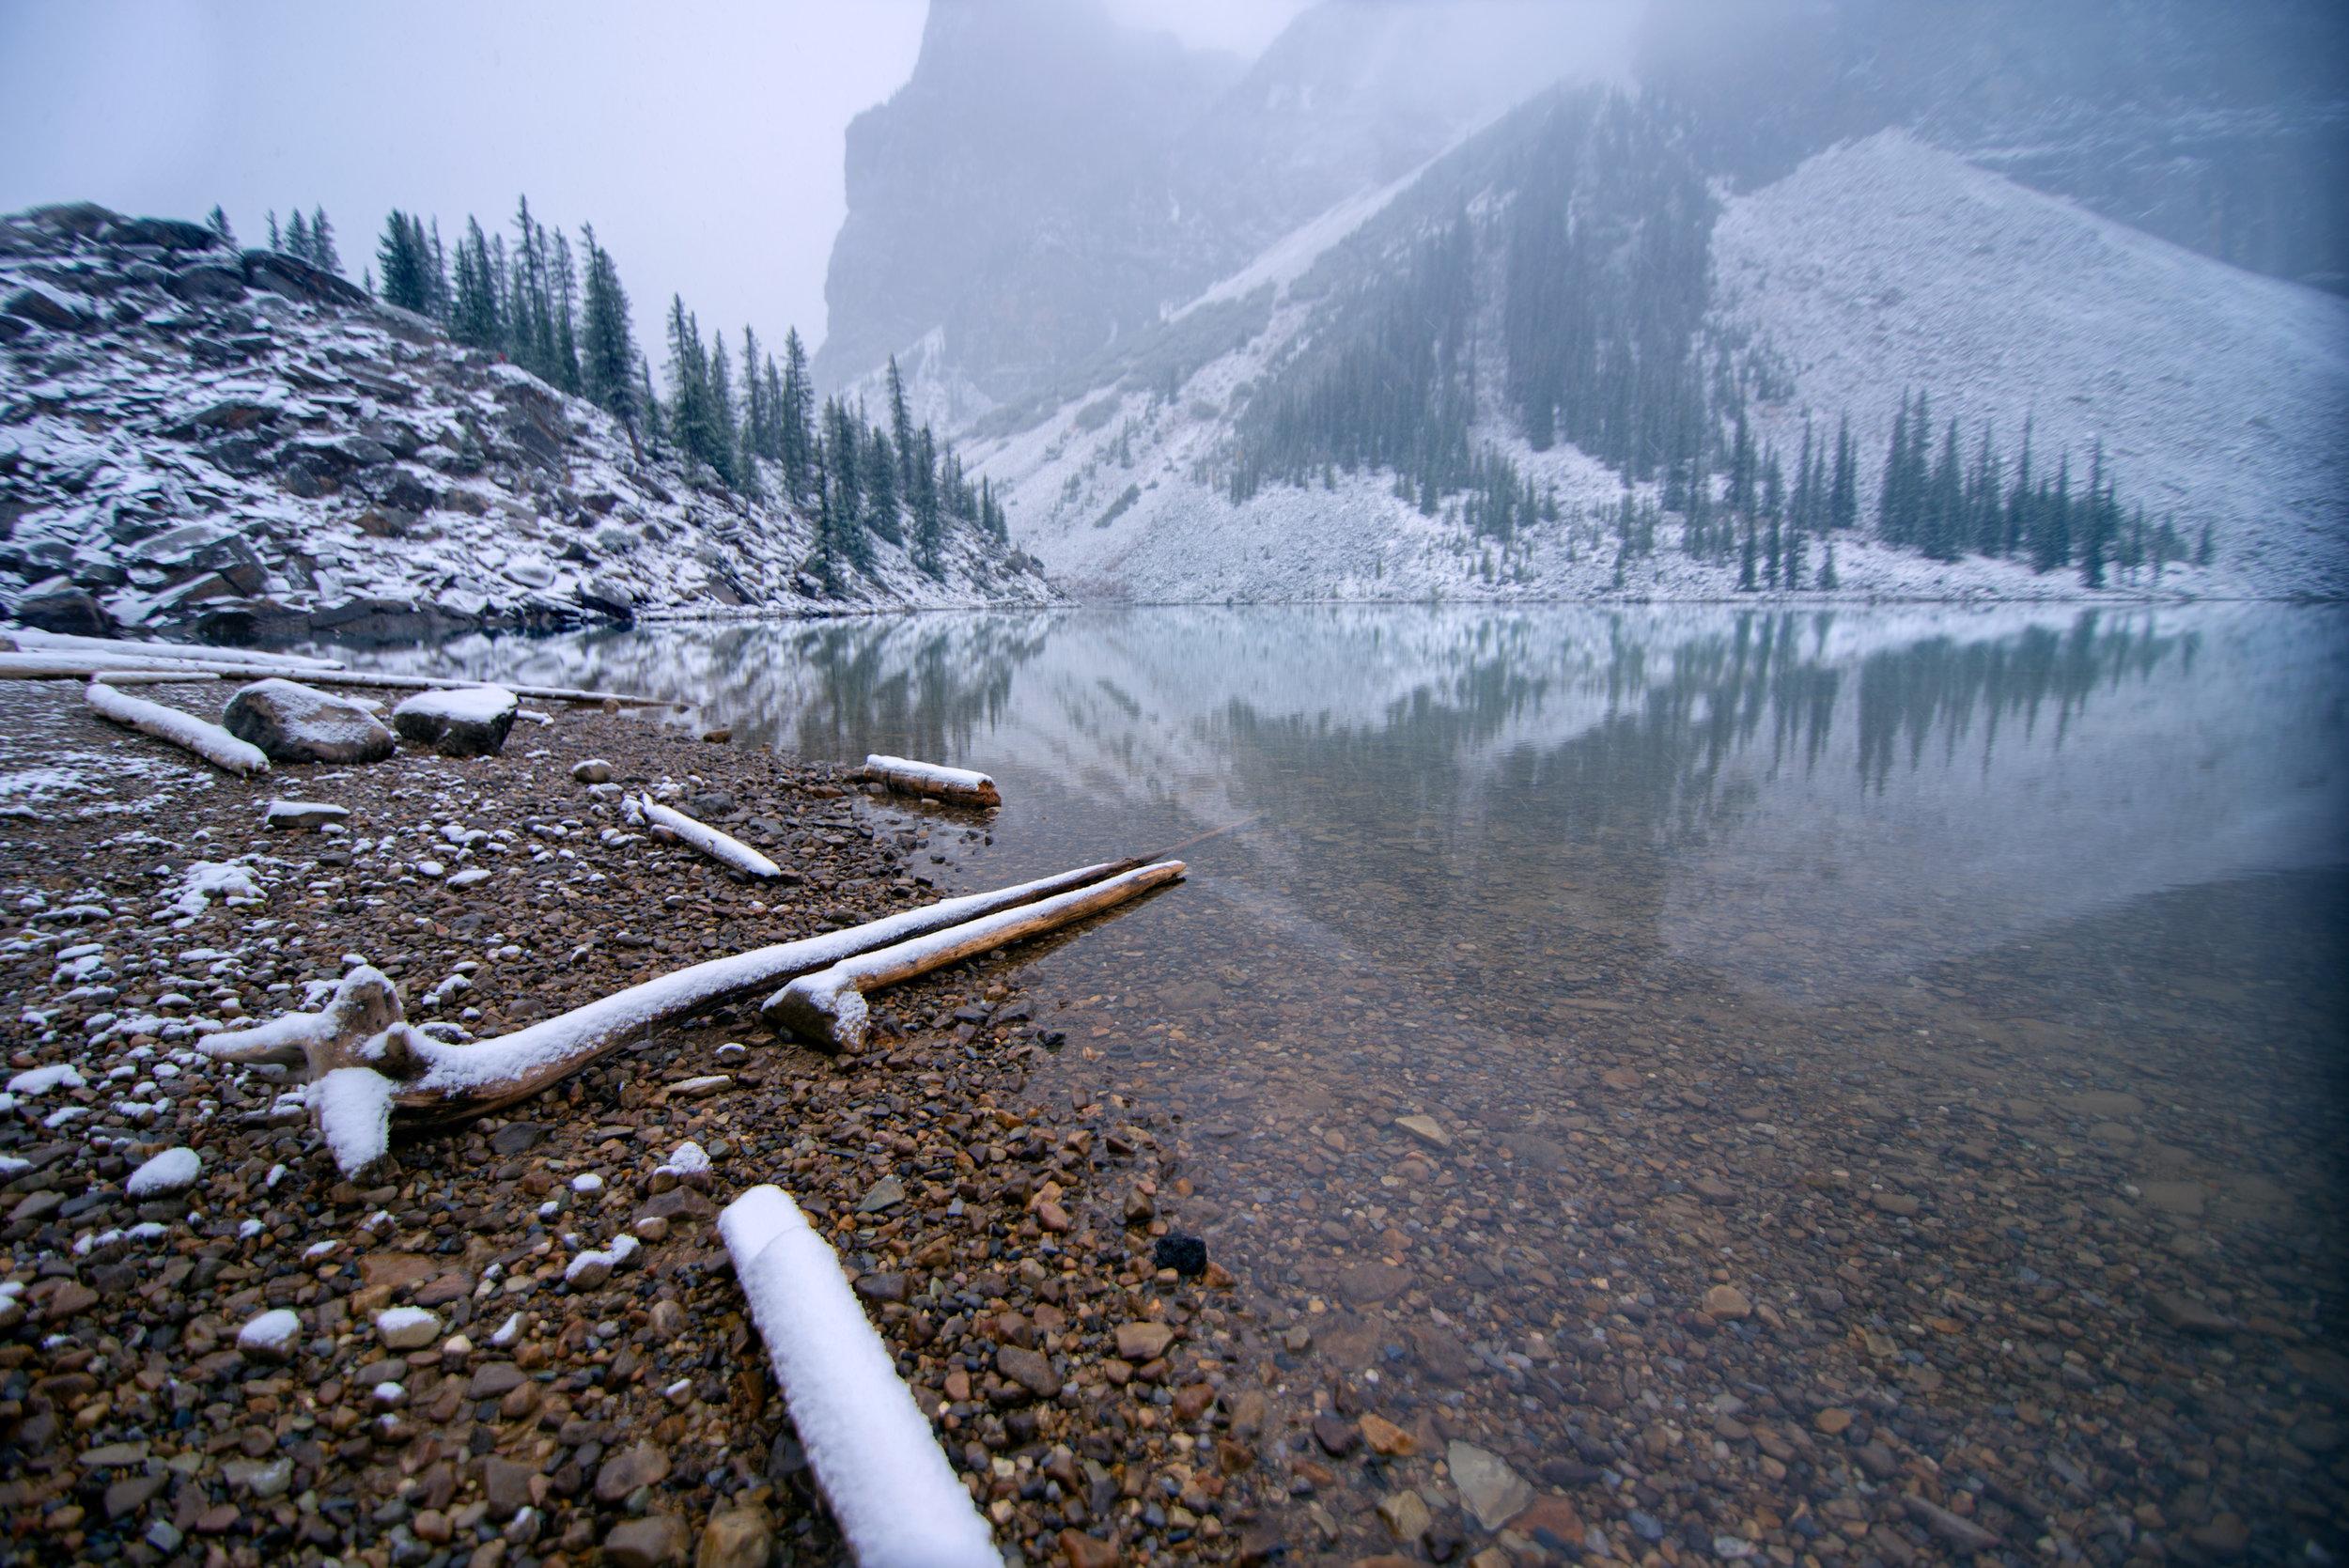 20170921_Banff_Moraine_Lake_049.jpg